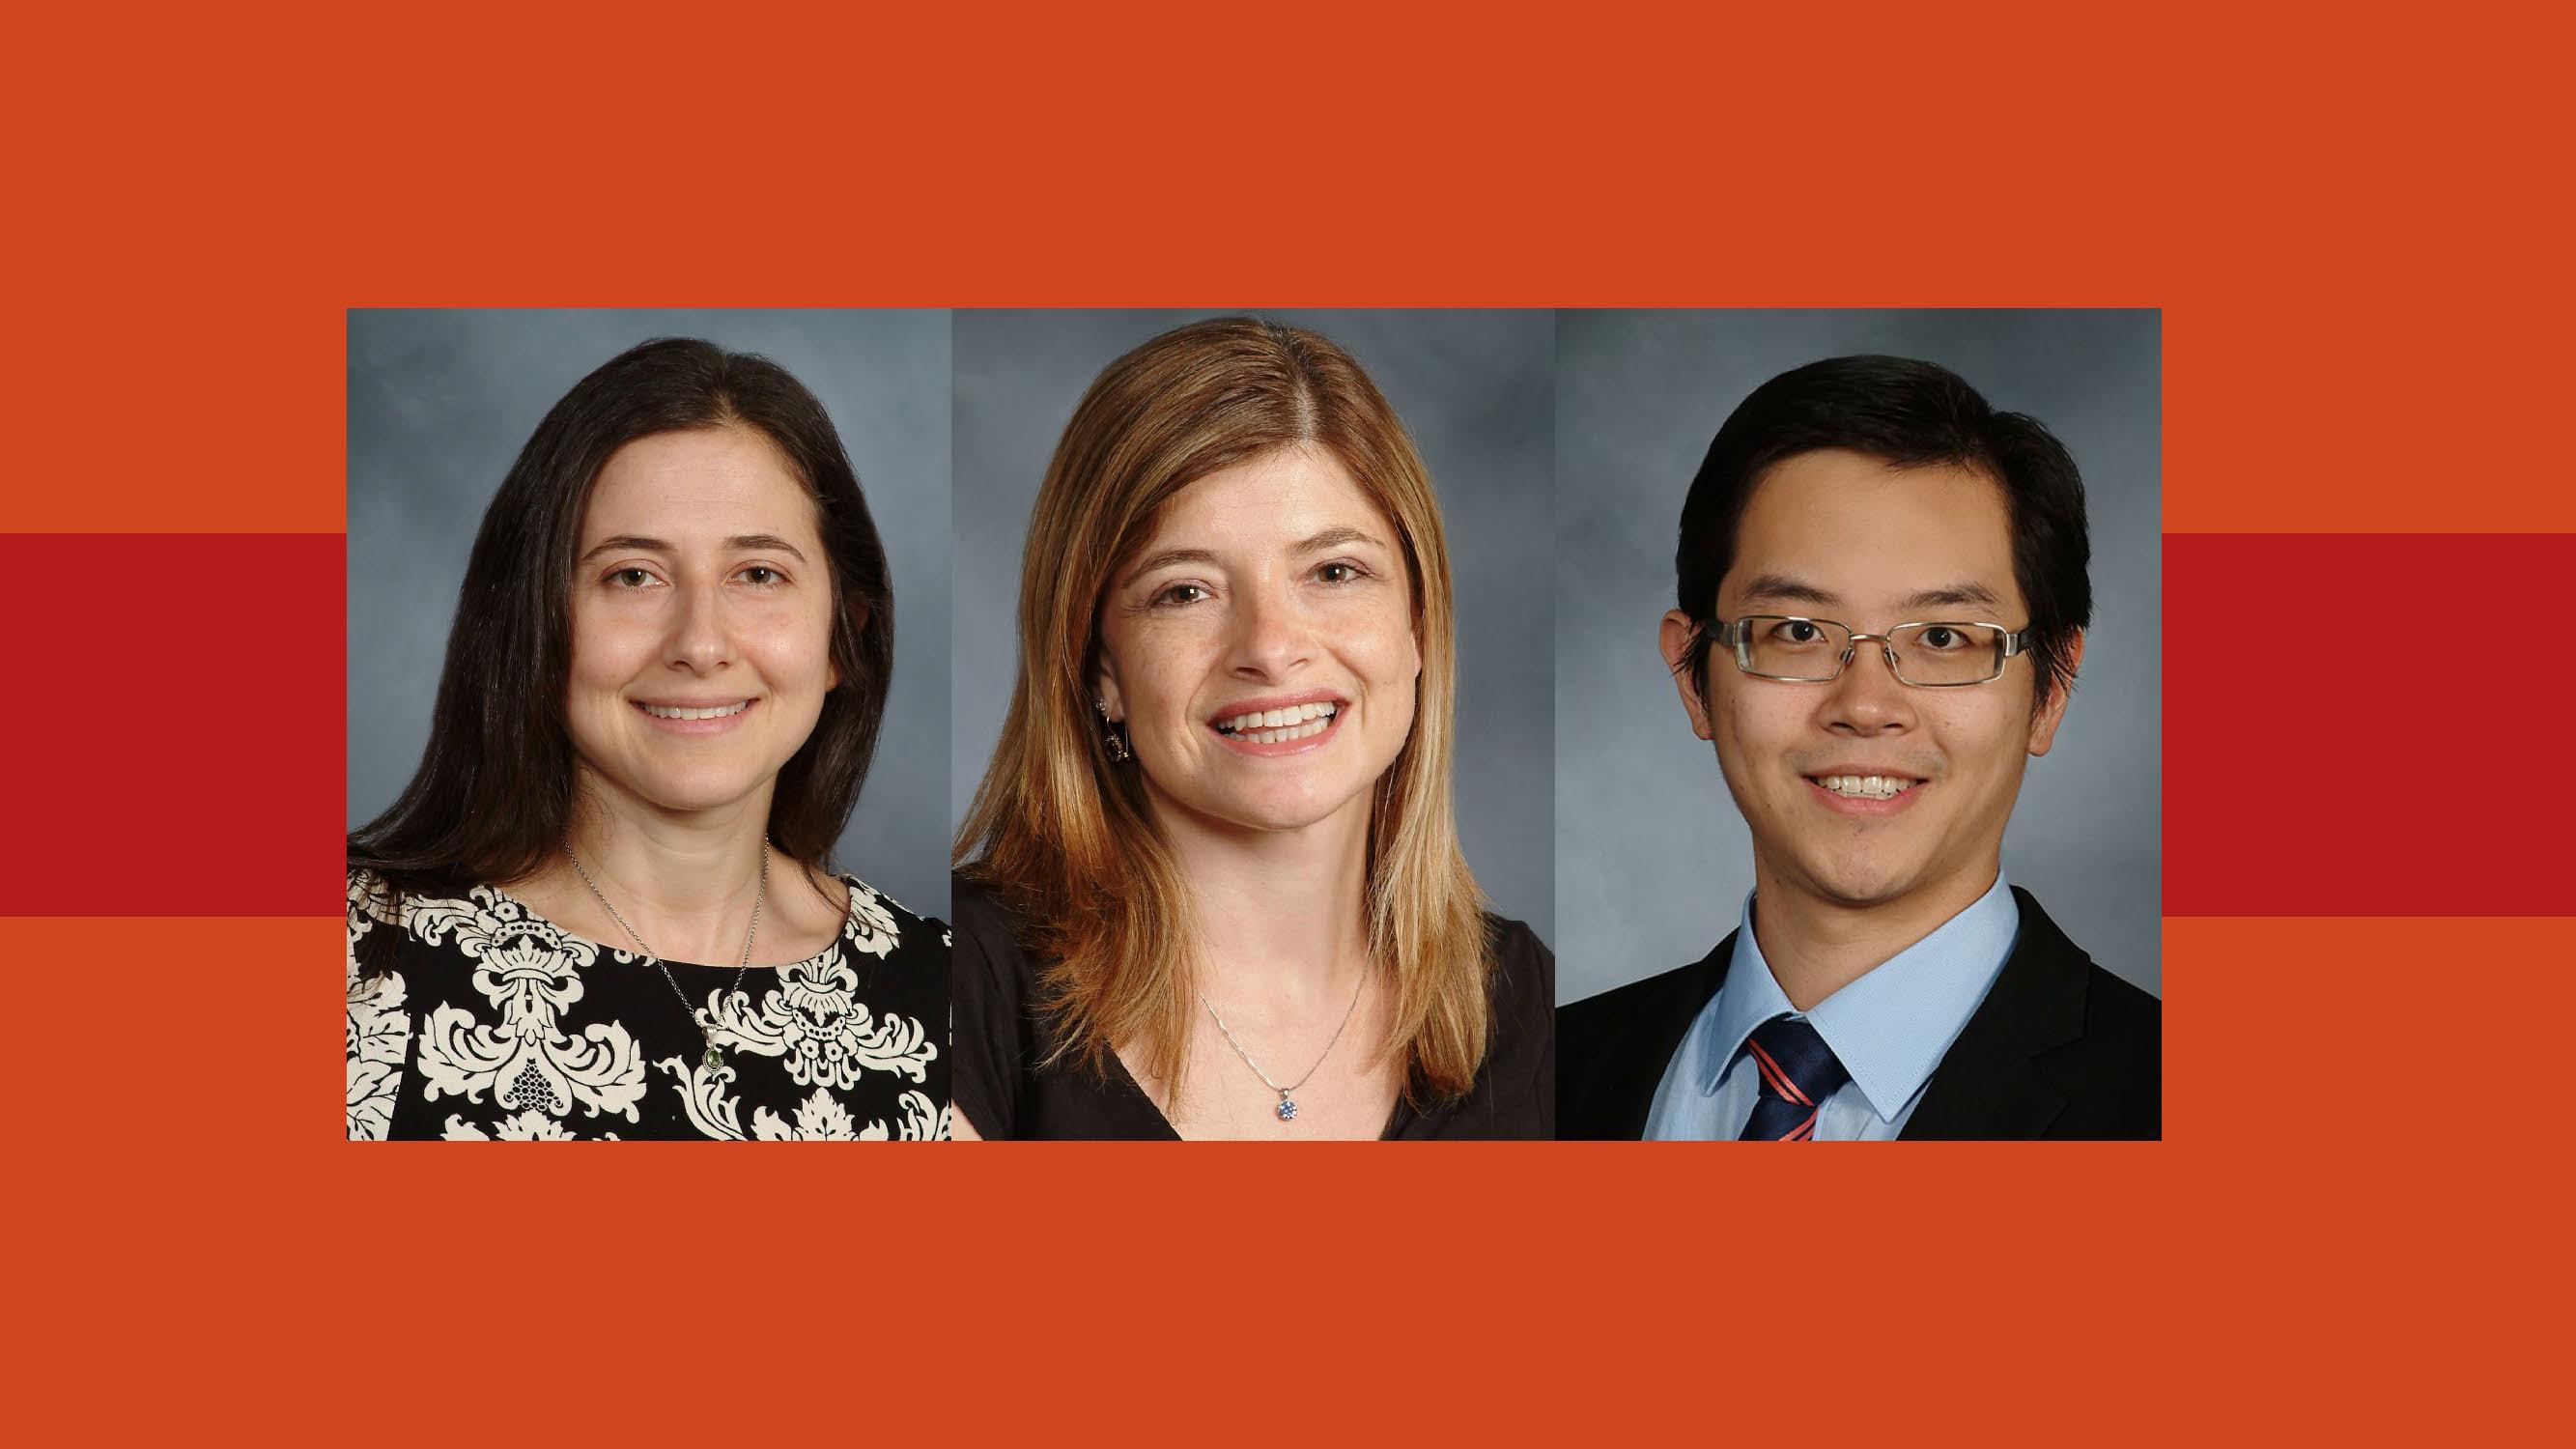 Dr Cori Green, Dr Haviva Veler and Dr Anthony Yuen